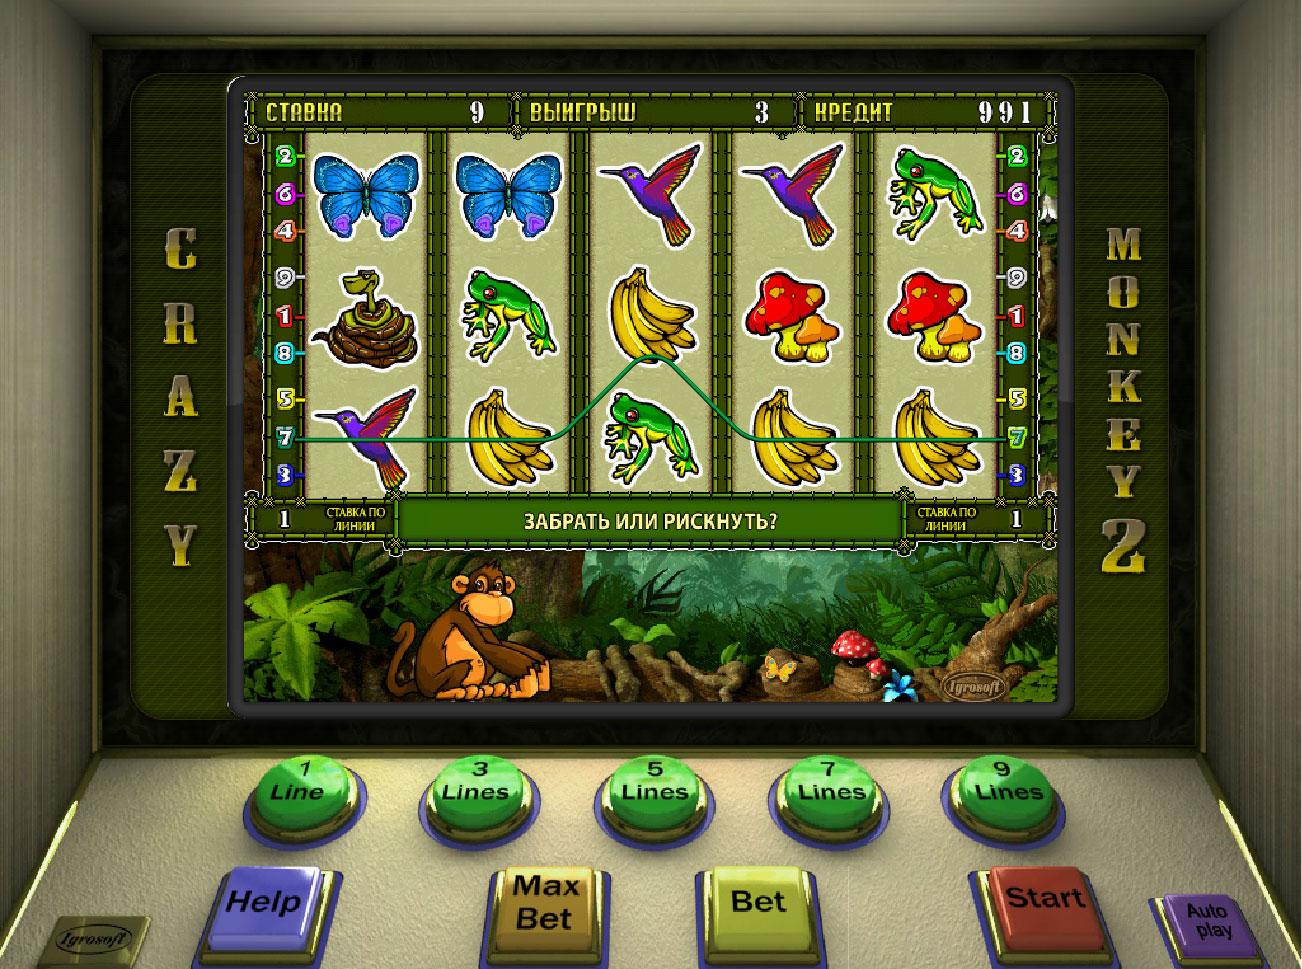 Интерфейс игрового автомата Обезьянка 2